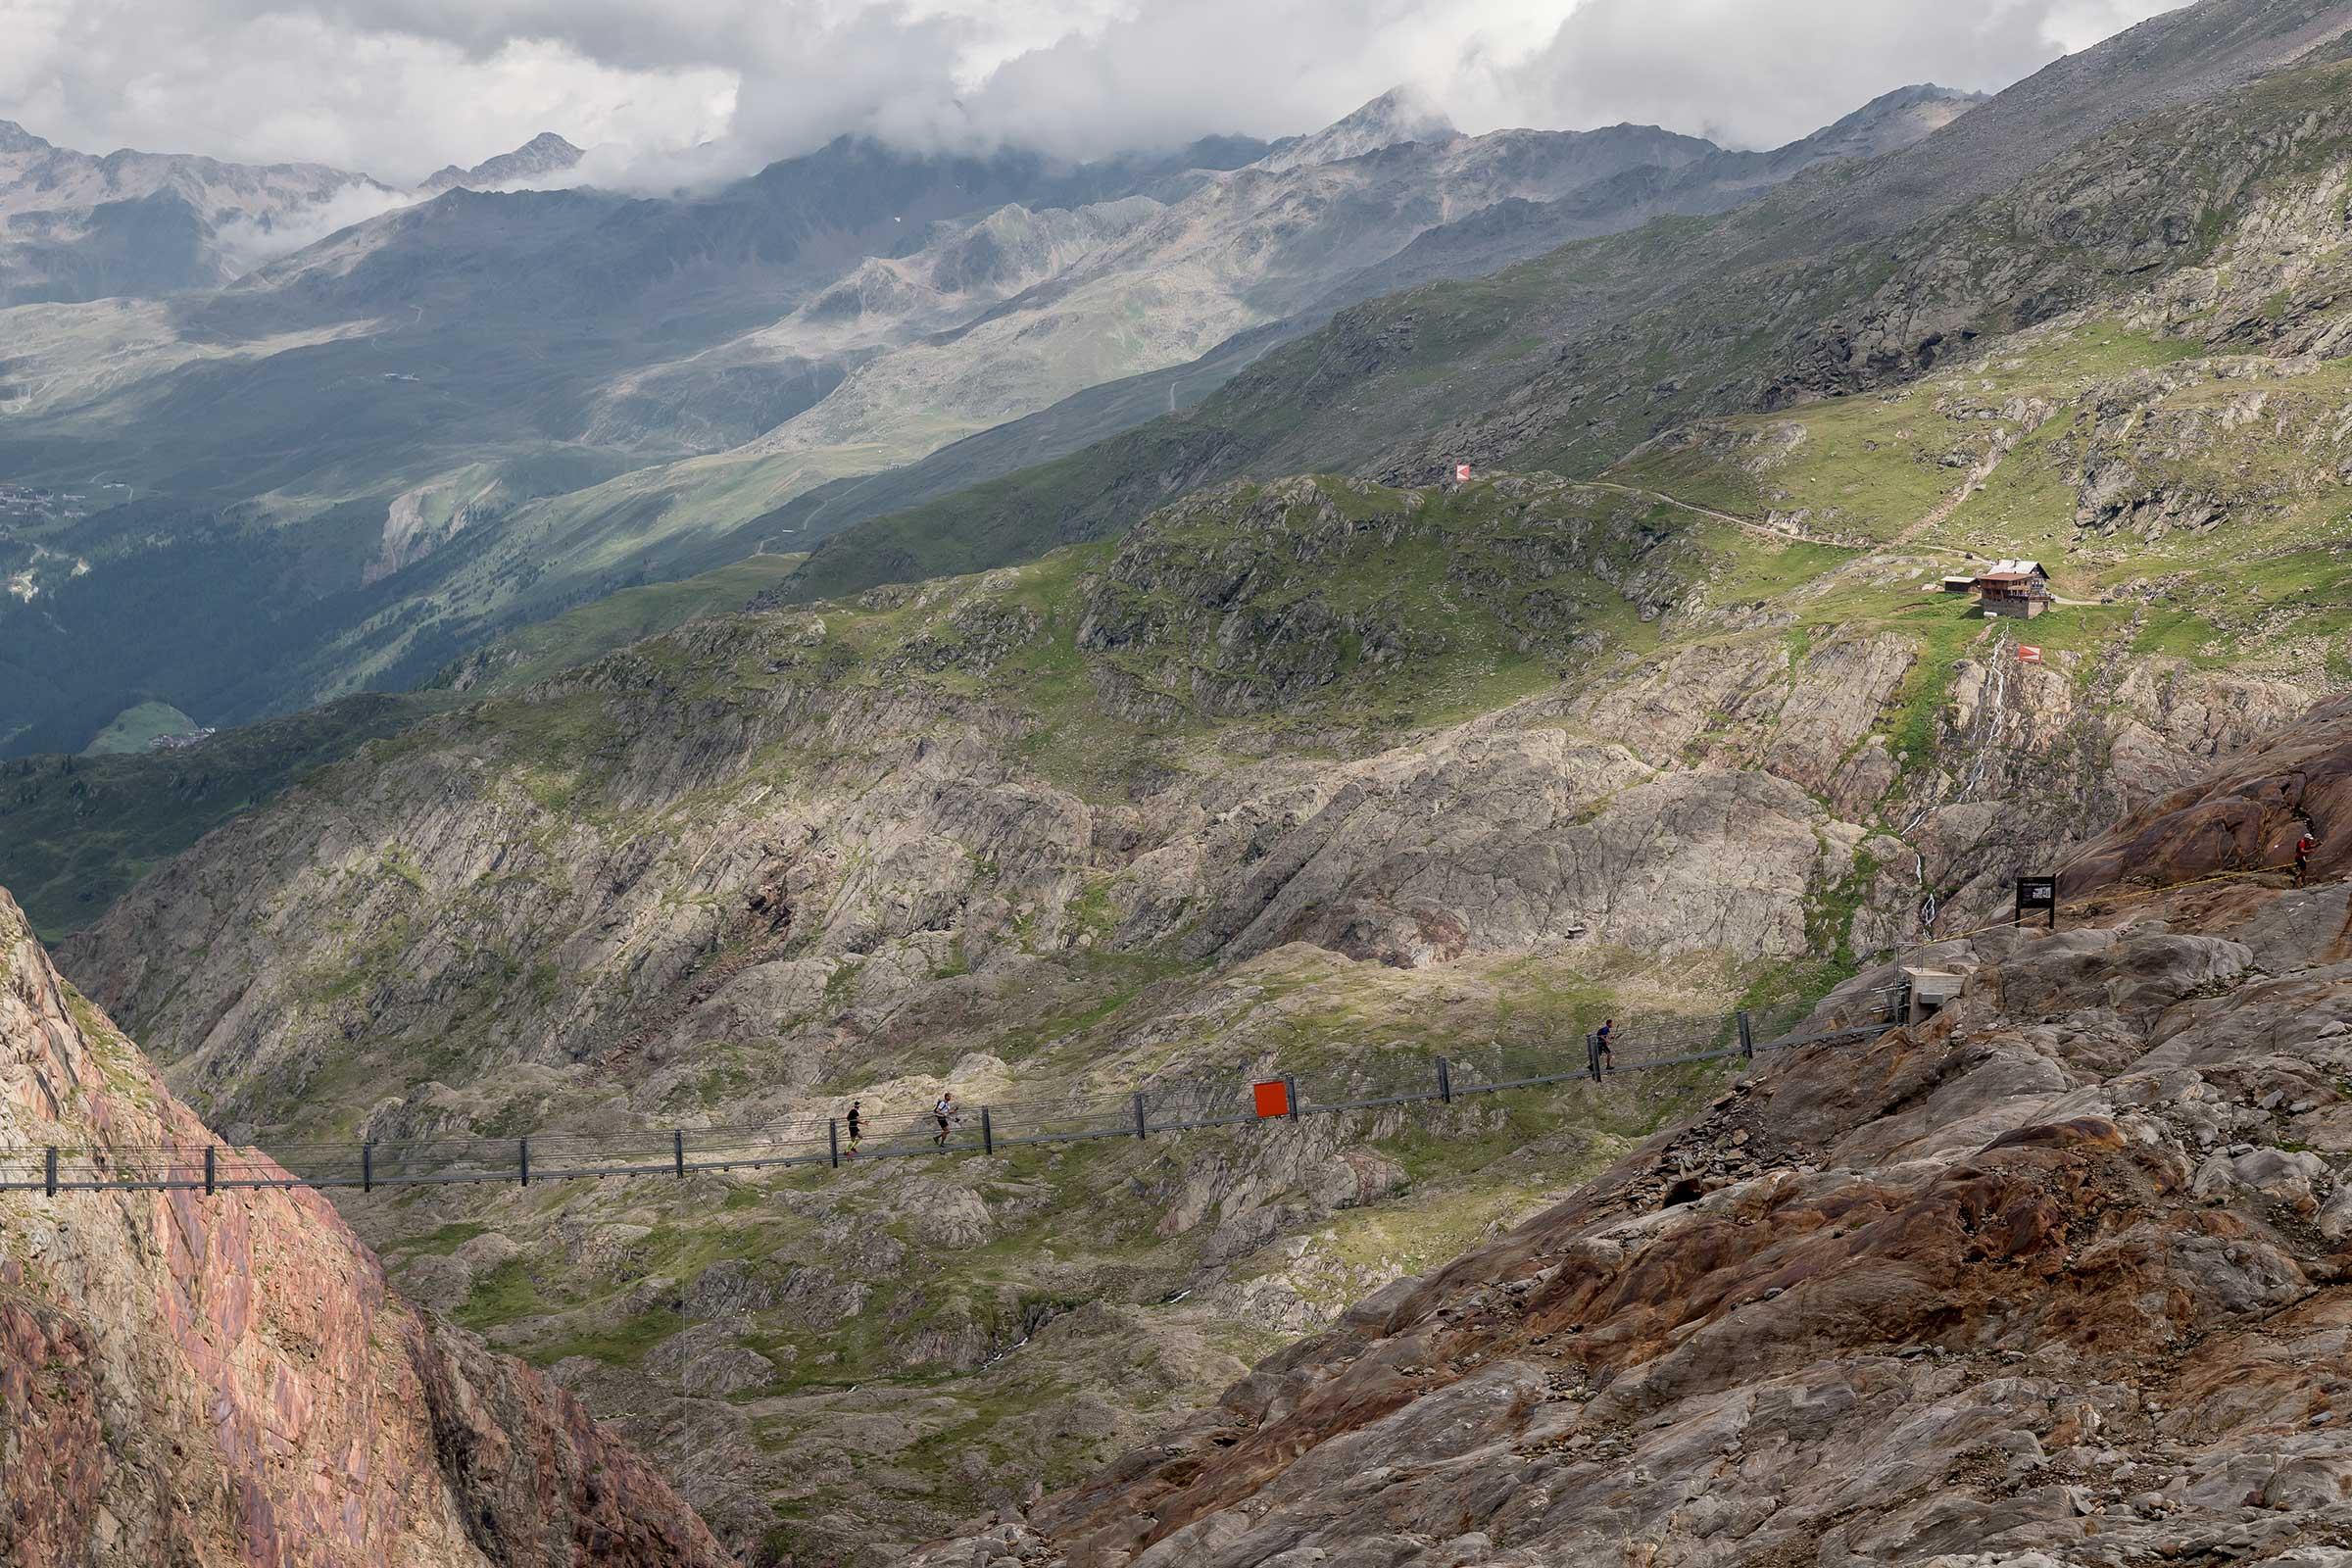 Piccard Brücke - Gletscher Trailrun Obergurgl-Hochgurgl